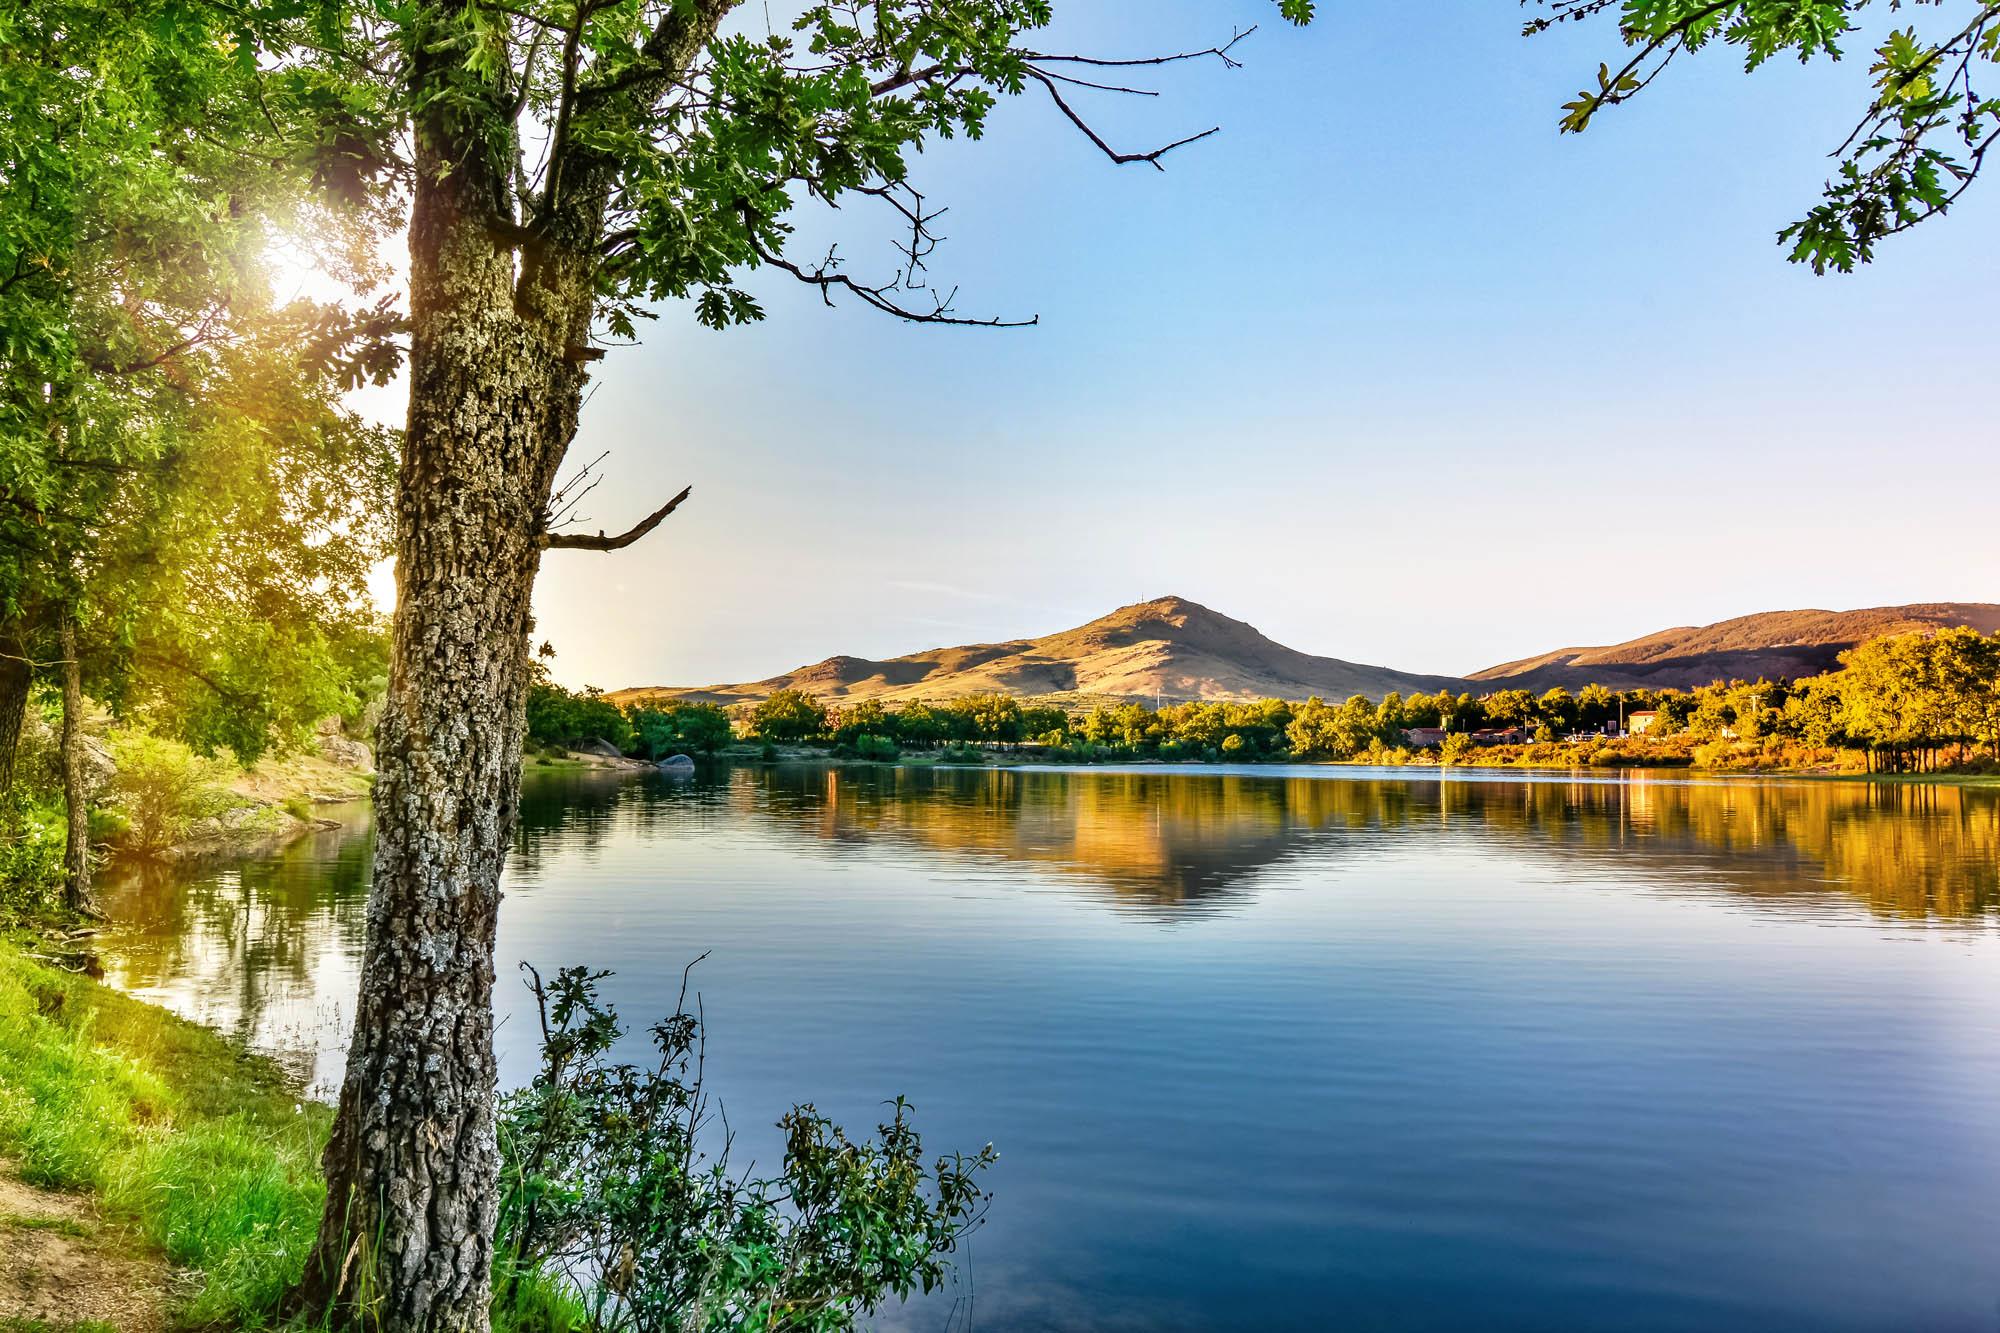 La Senda de las Pesquerías Reales está enmarcada por un impresionante escenario natural. Foto: Shutterstock.